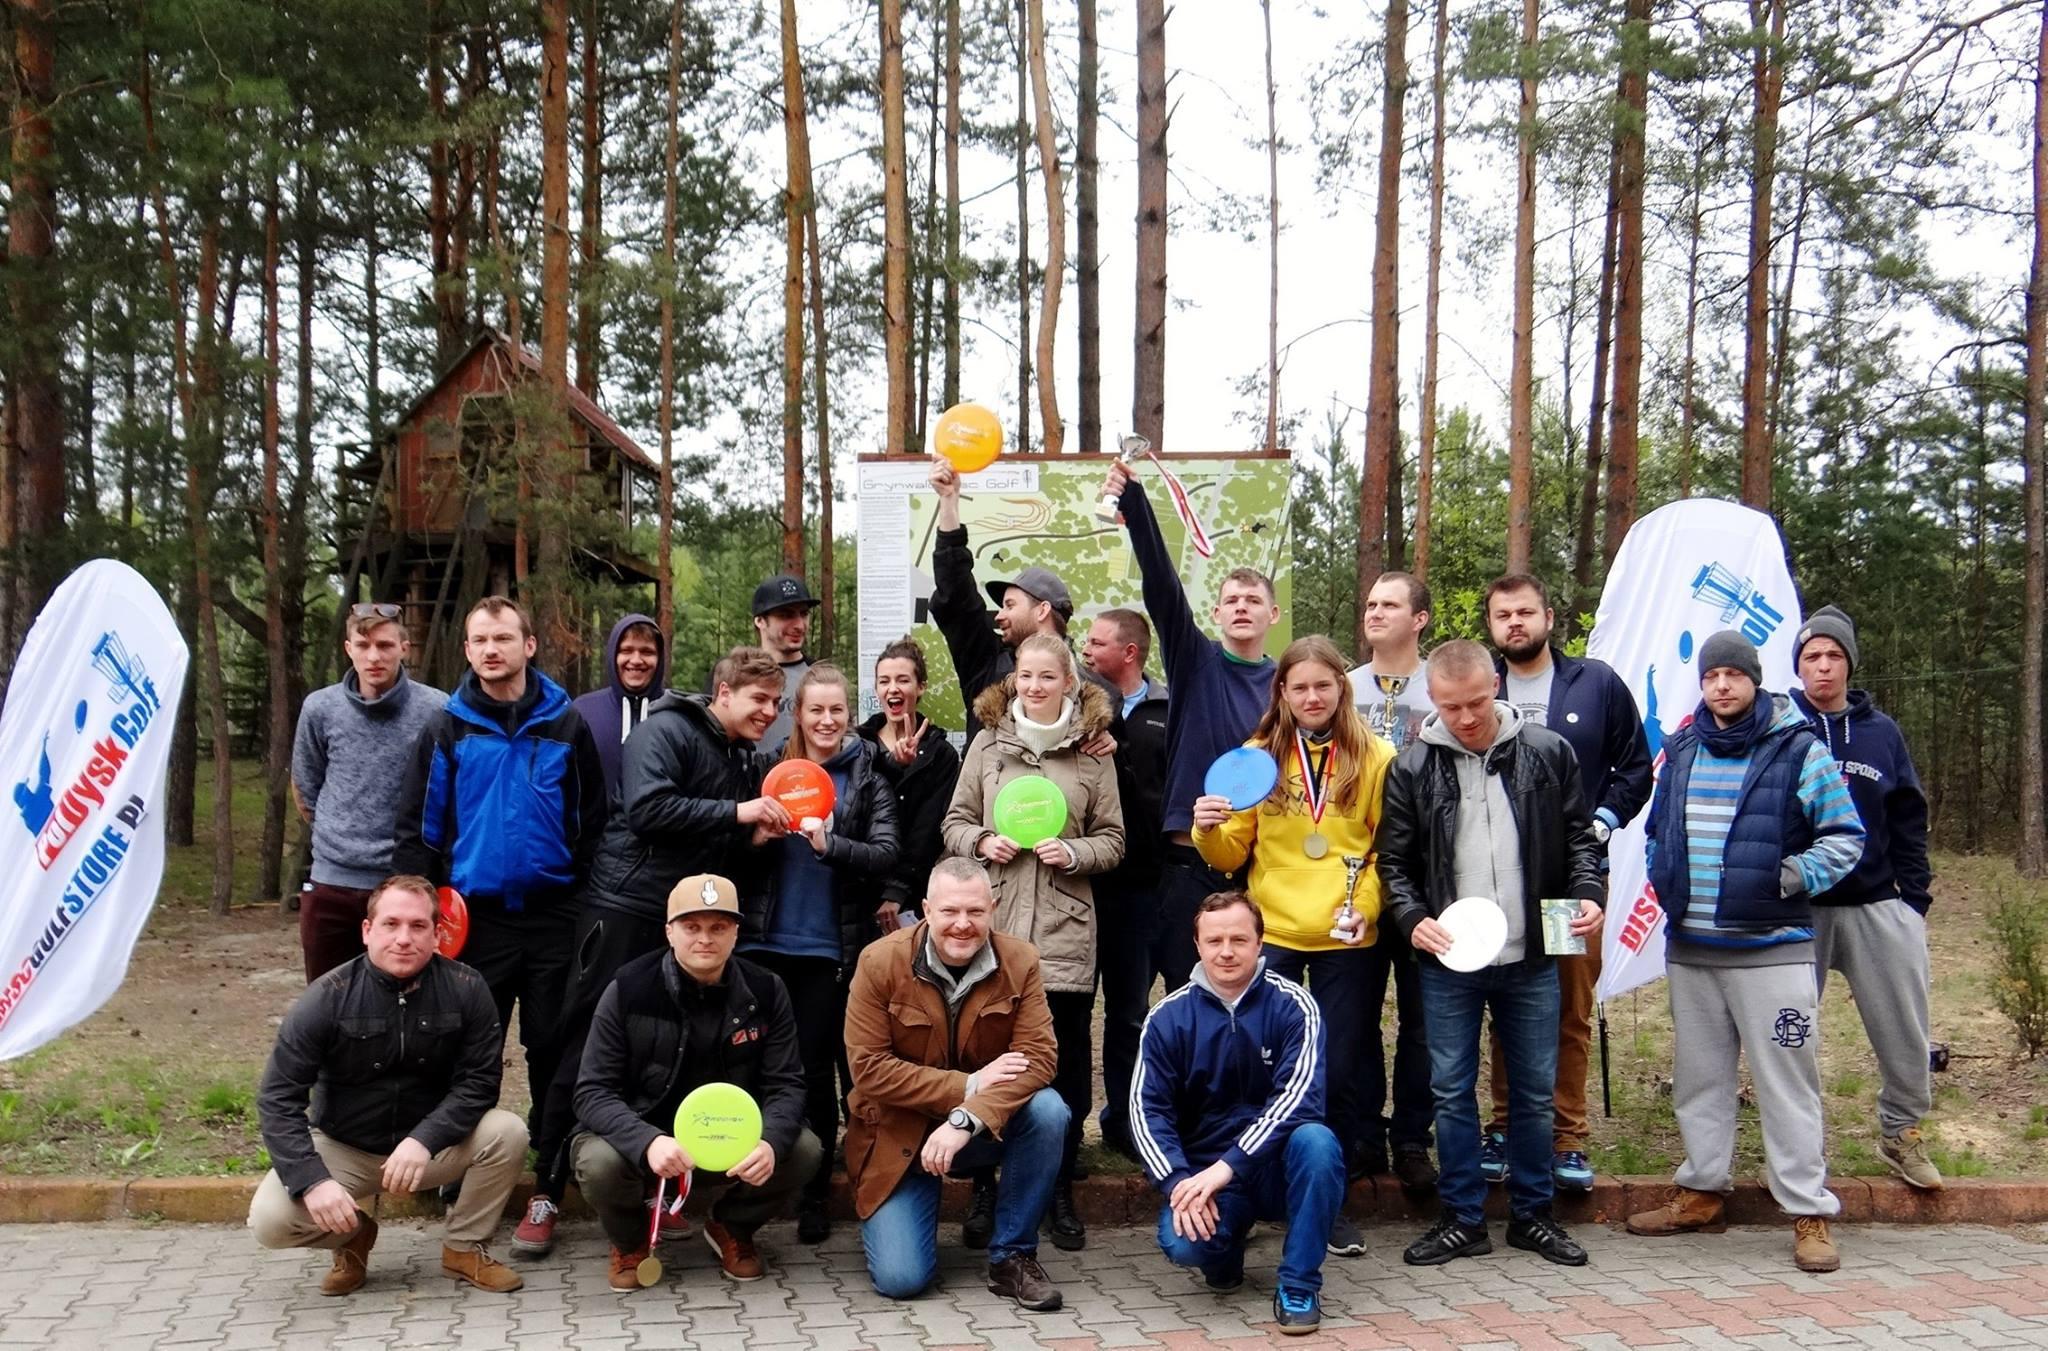 grupa zorganizowana na tle lasu w Grynwaldzie